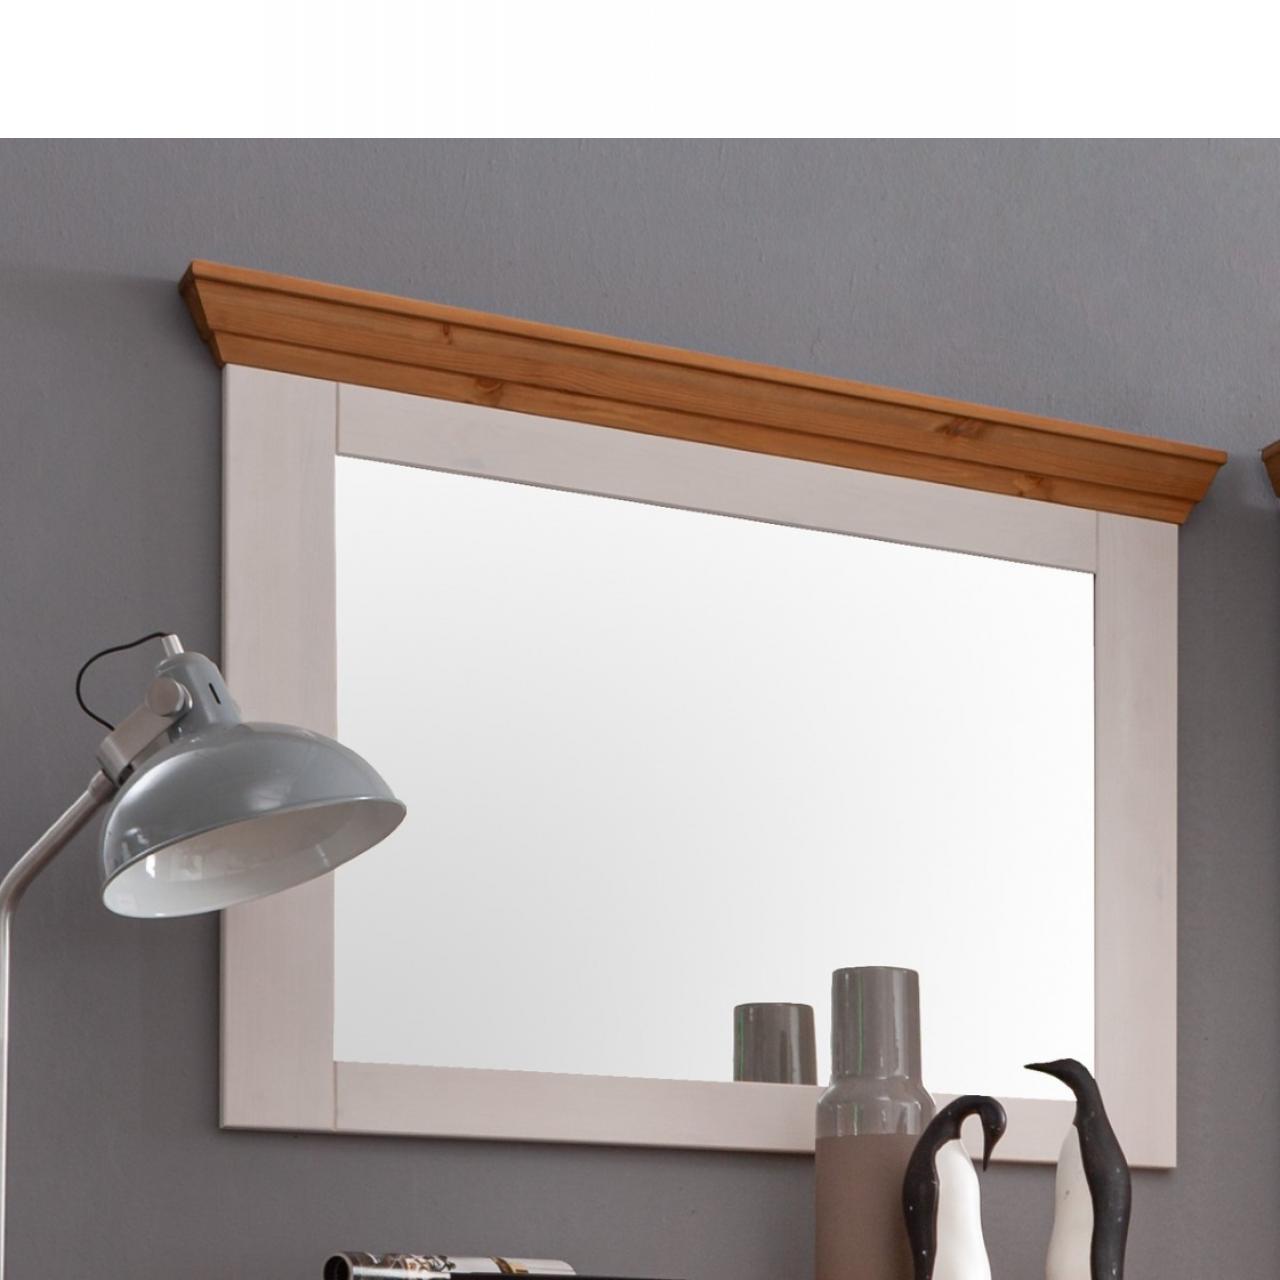 Spiegel WZ-0133 Kiefer massiv Weiß Eiche Wandspiegel Garderobenspiegel Flur